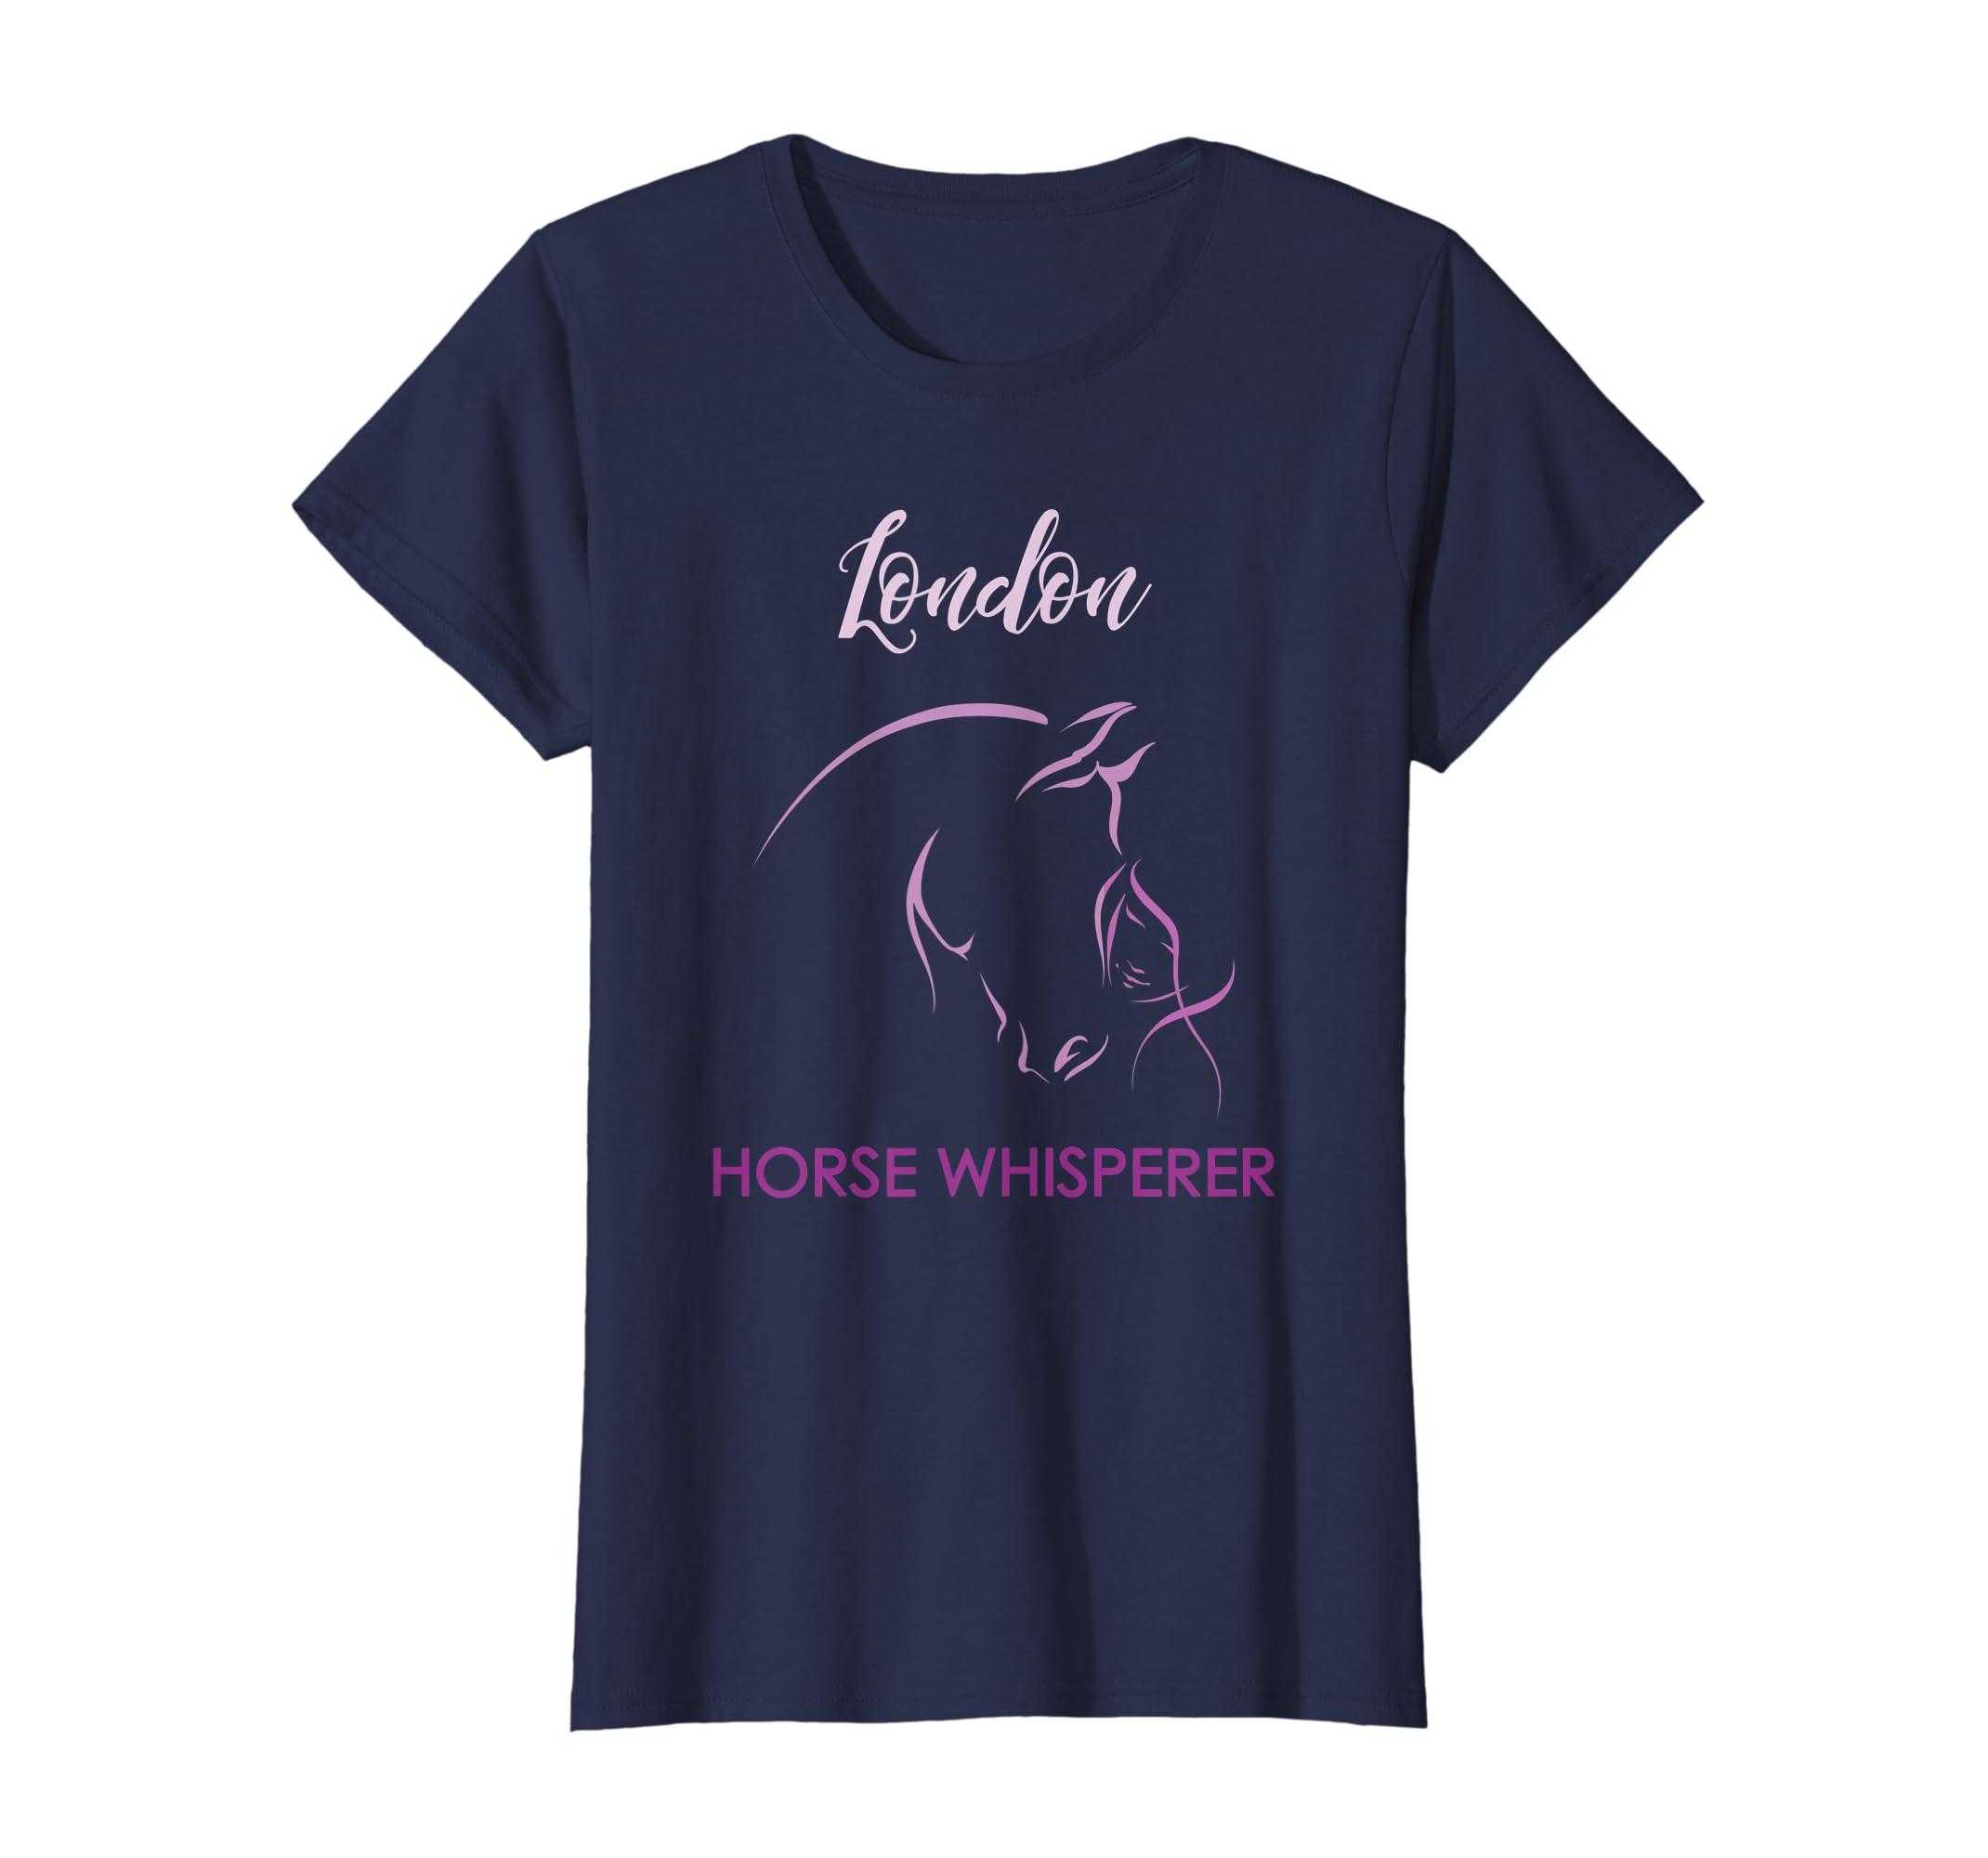 Amazon London Horse Whisperer Personalized Name Birthday Gift Clothing